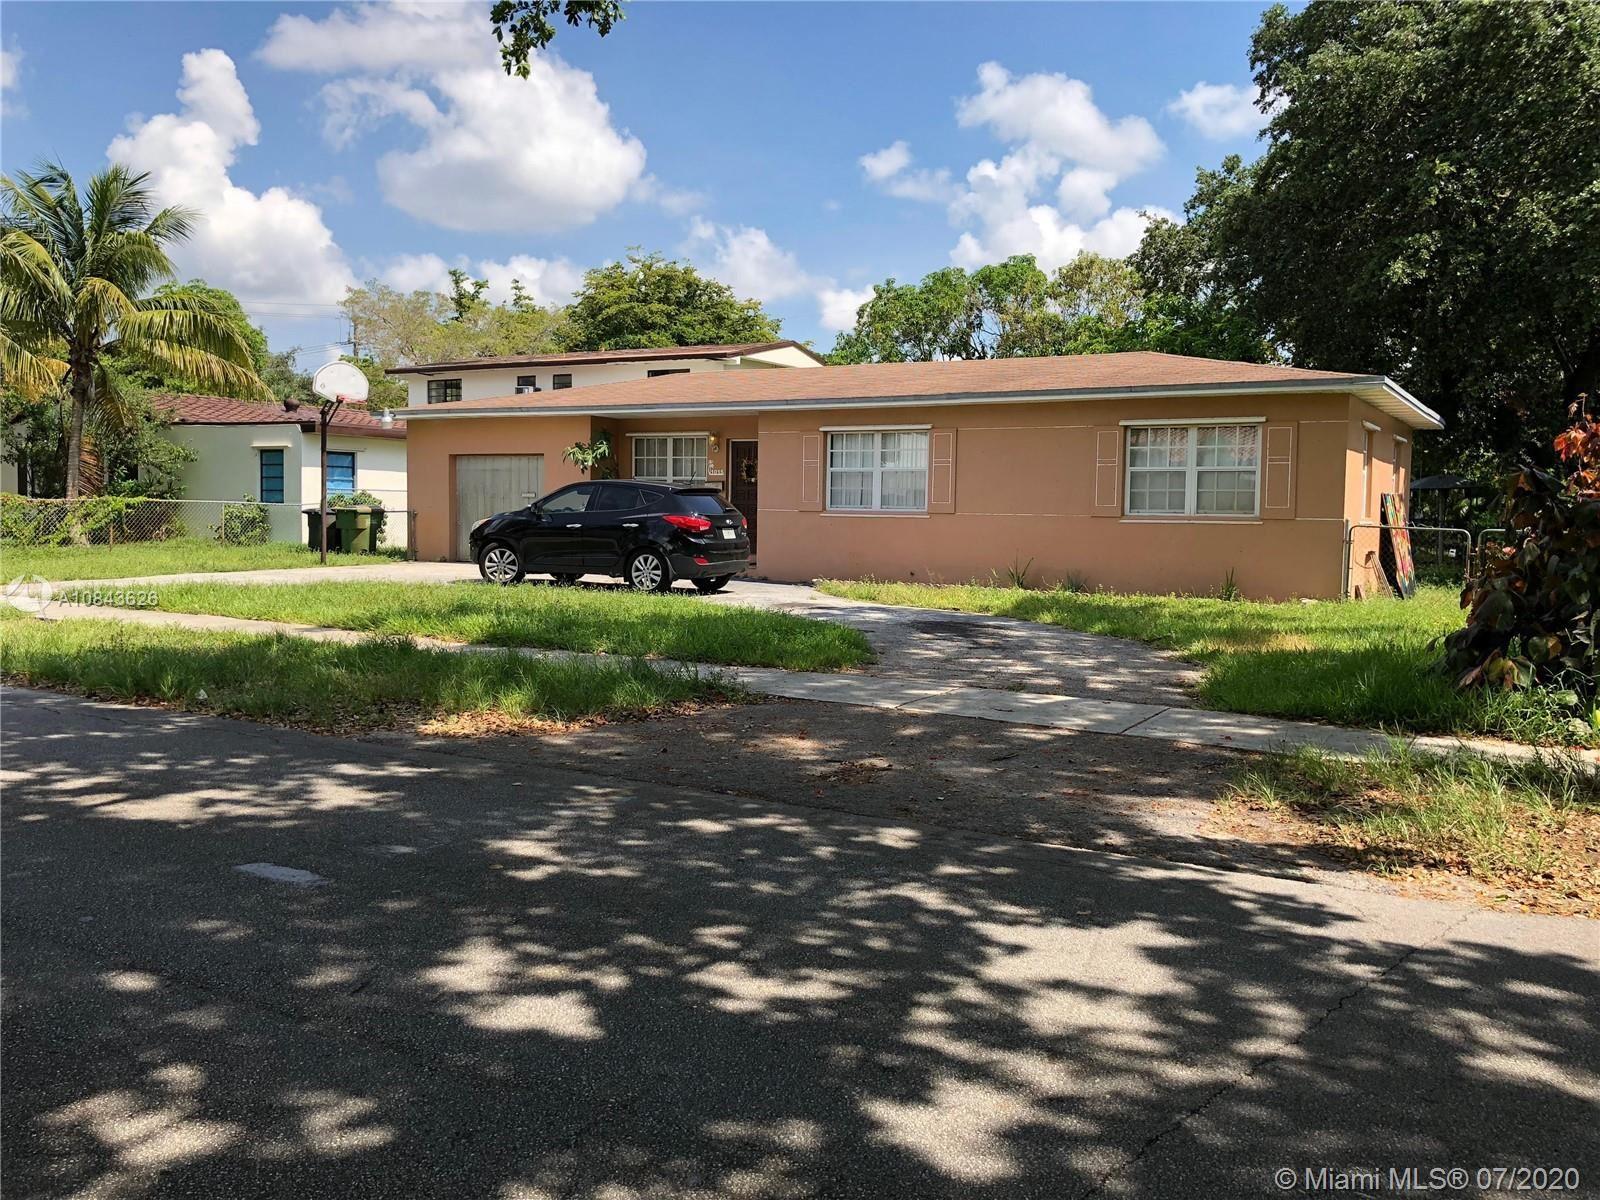 1015 NE 128th St, North Miami, FL 33161 - #: A10843626